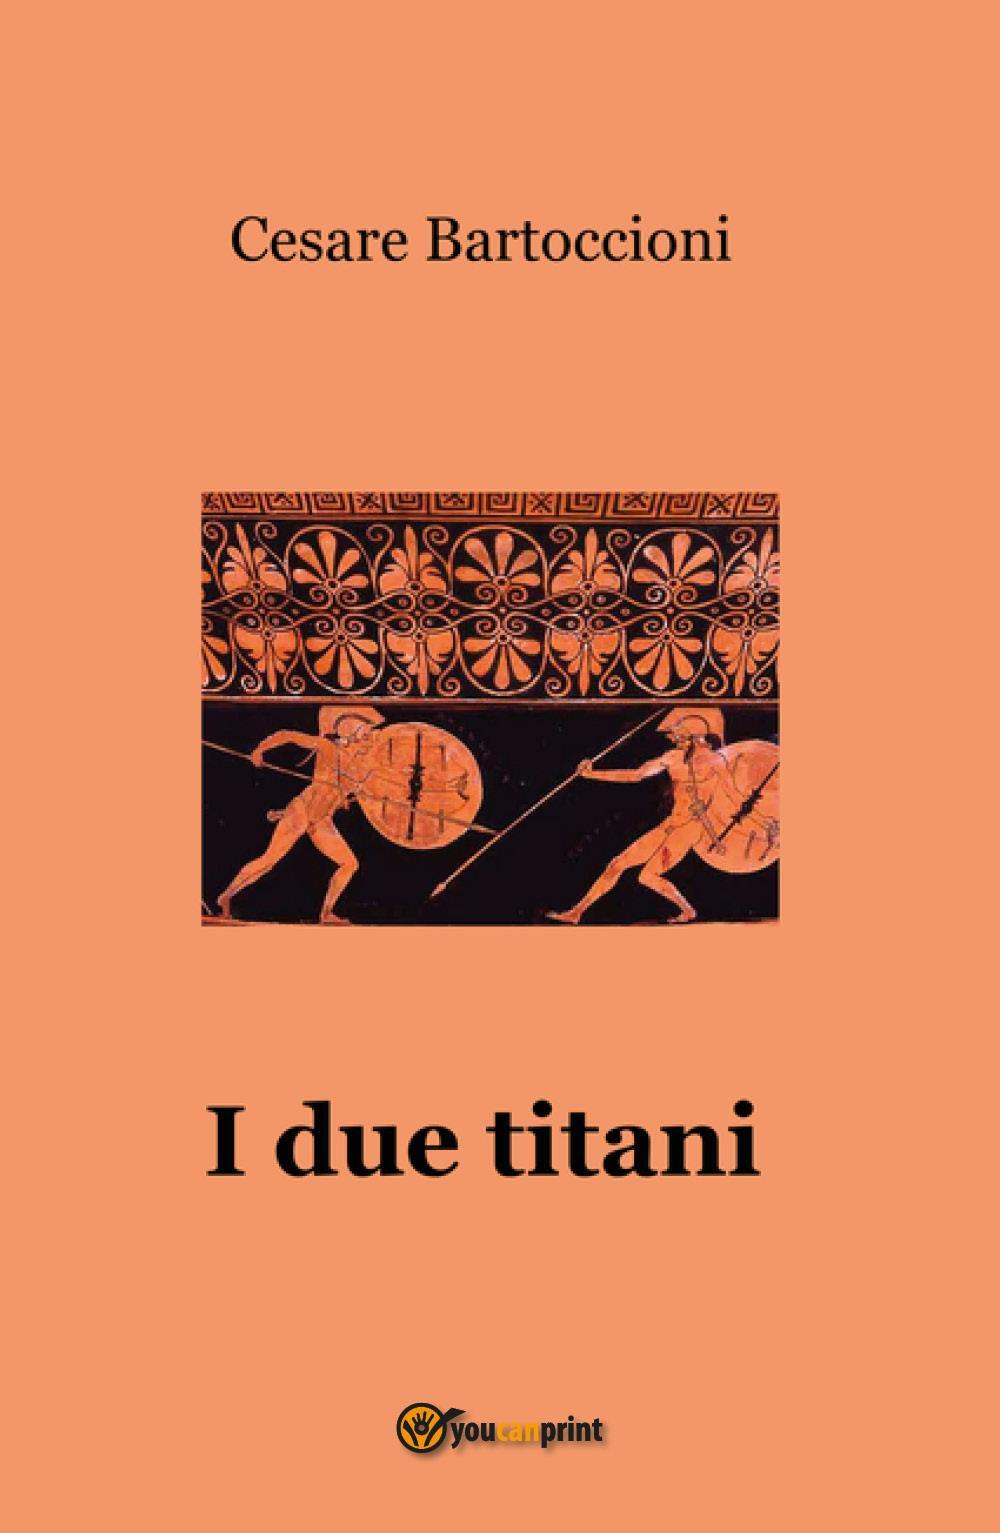 I due titani